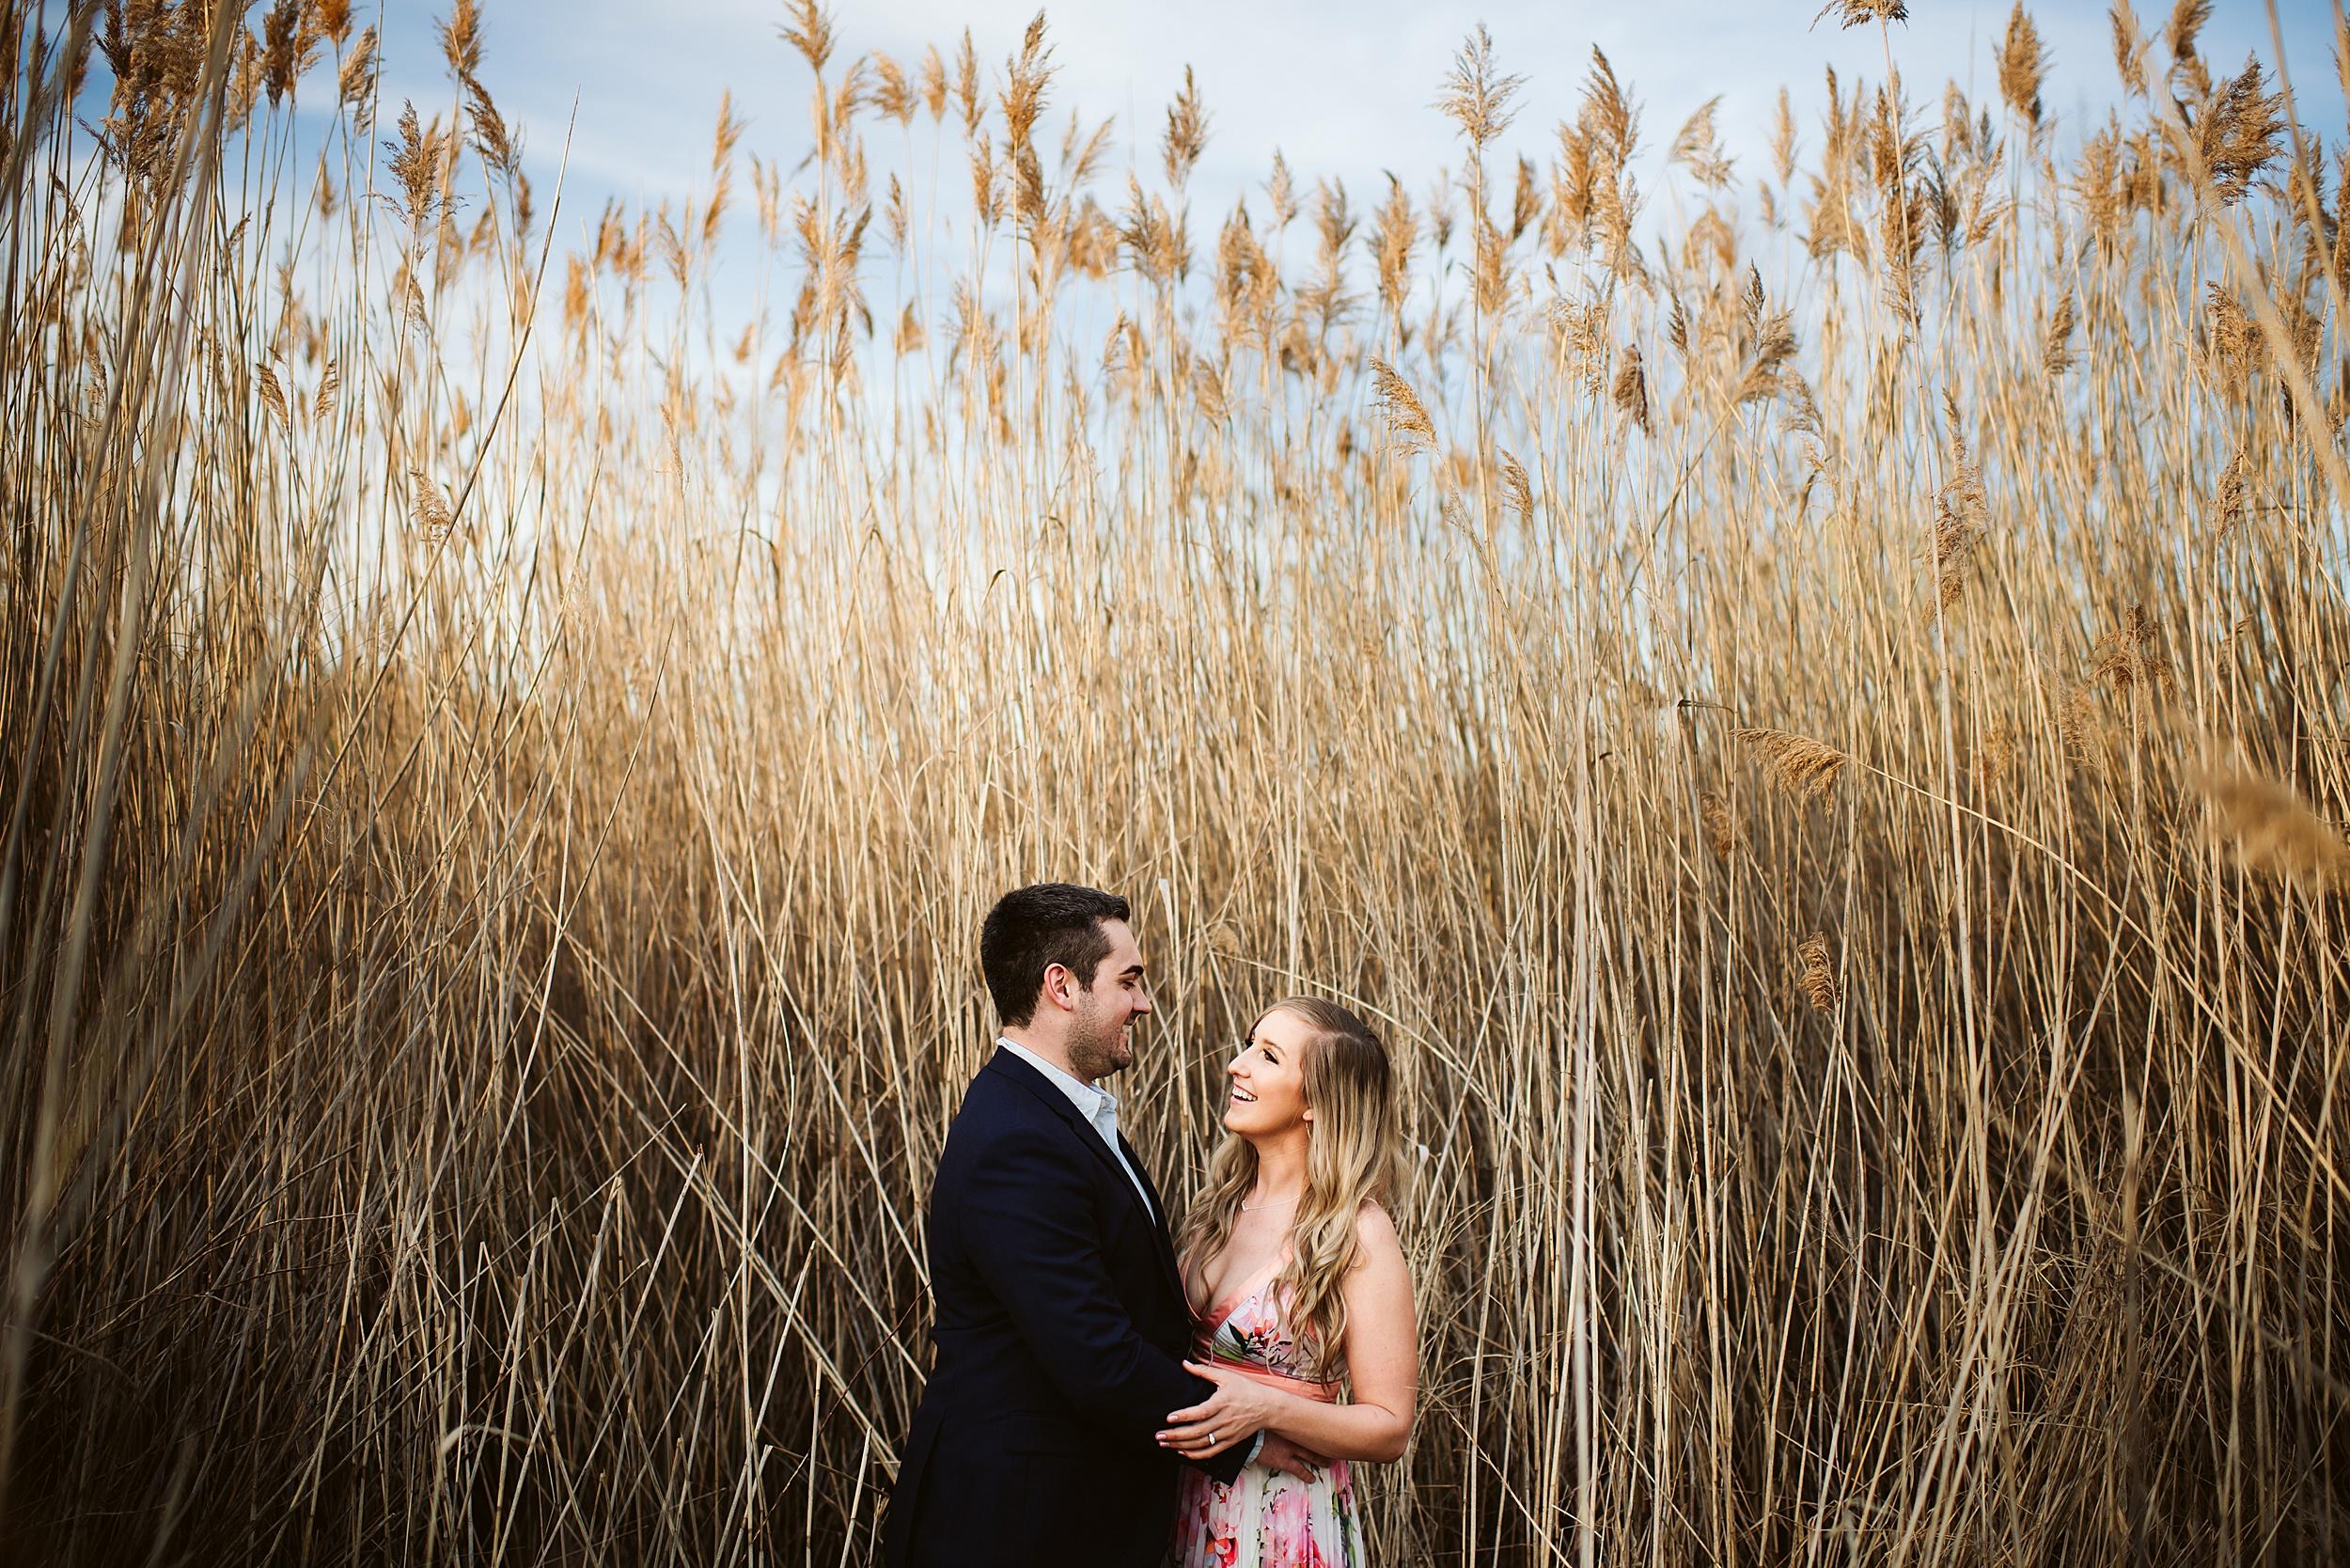 Toronto_Wedding_Photographers_Humber_Bay_Engagement_Shoot_Etobicoke_0005.jpg